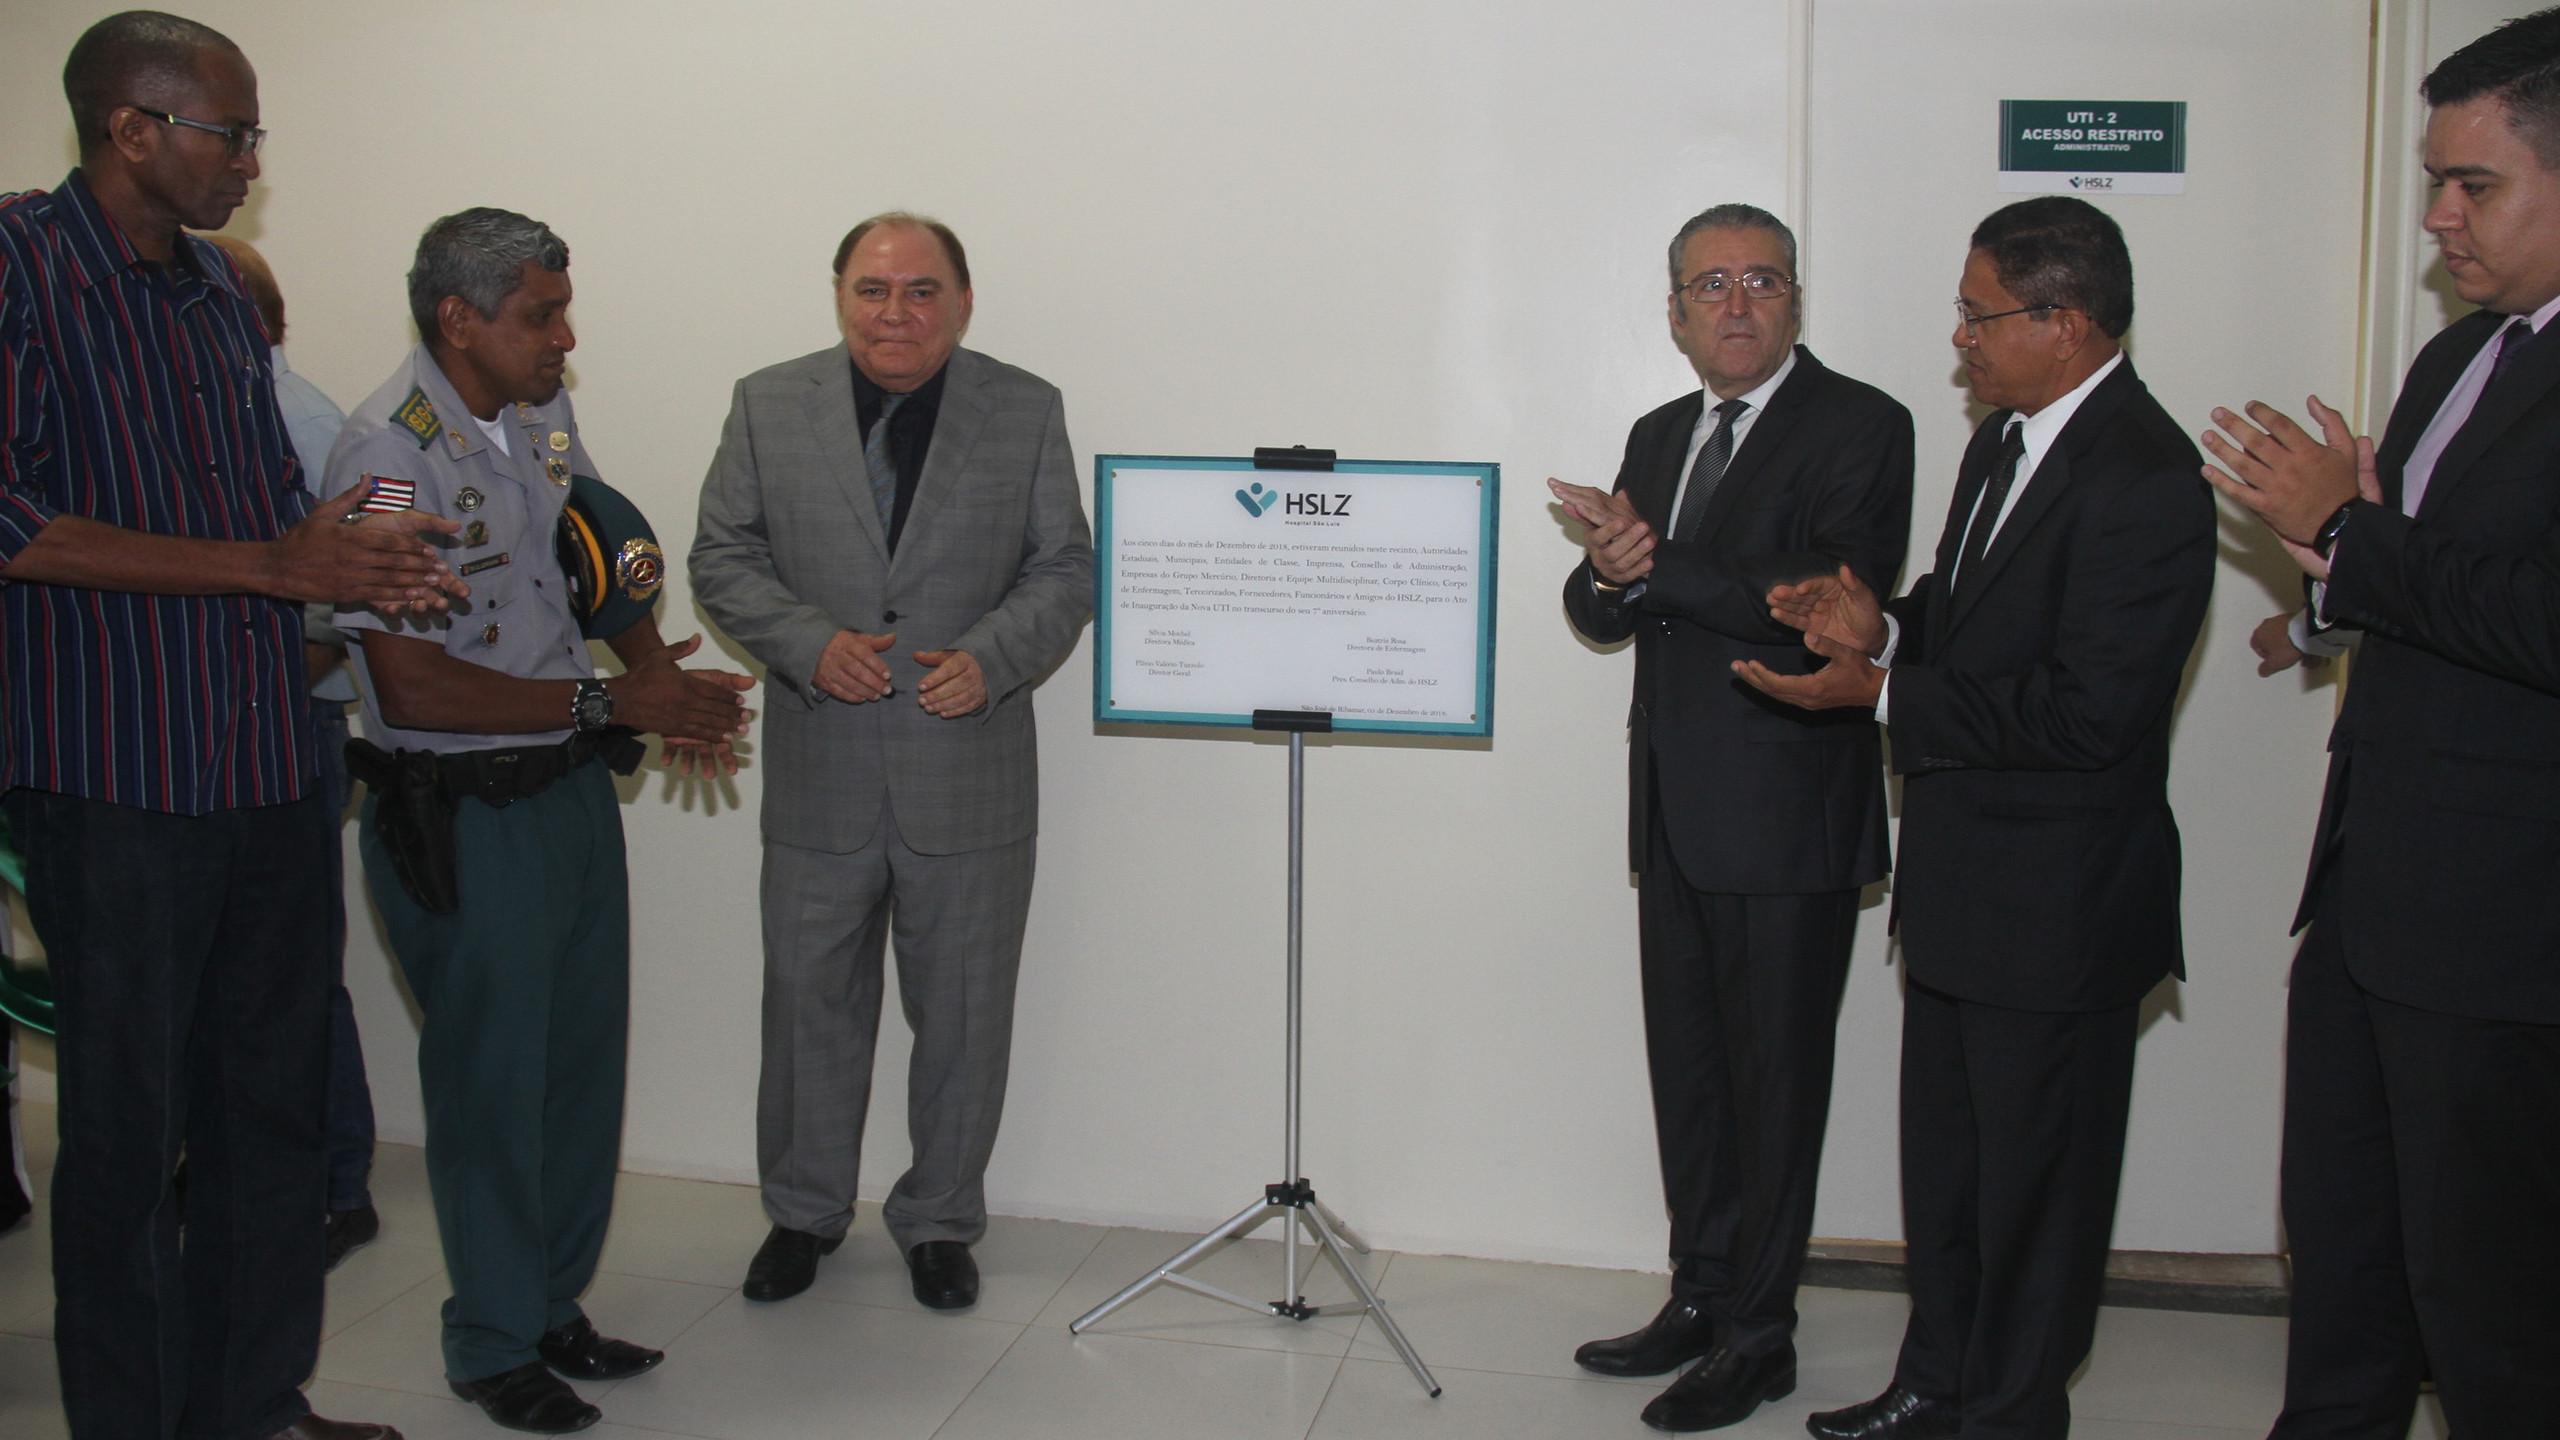 Cleilton Lopes (Sind. Servidores Estaduais), Cel. Bayma (PMMA), Paulo Braide e Plínio Tuzzolo (HSLZ / Grupo Mercúrio), Idelvalter Nunes (Defensoria Pública) e Guilherme Aranha (SEGEP) no ato de inauguração da mais nova UTI do Hospital São Luís (HSLZ).